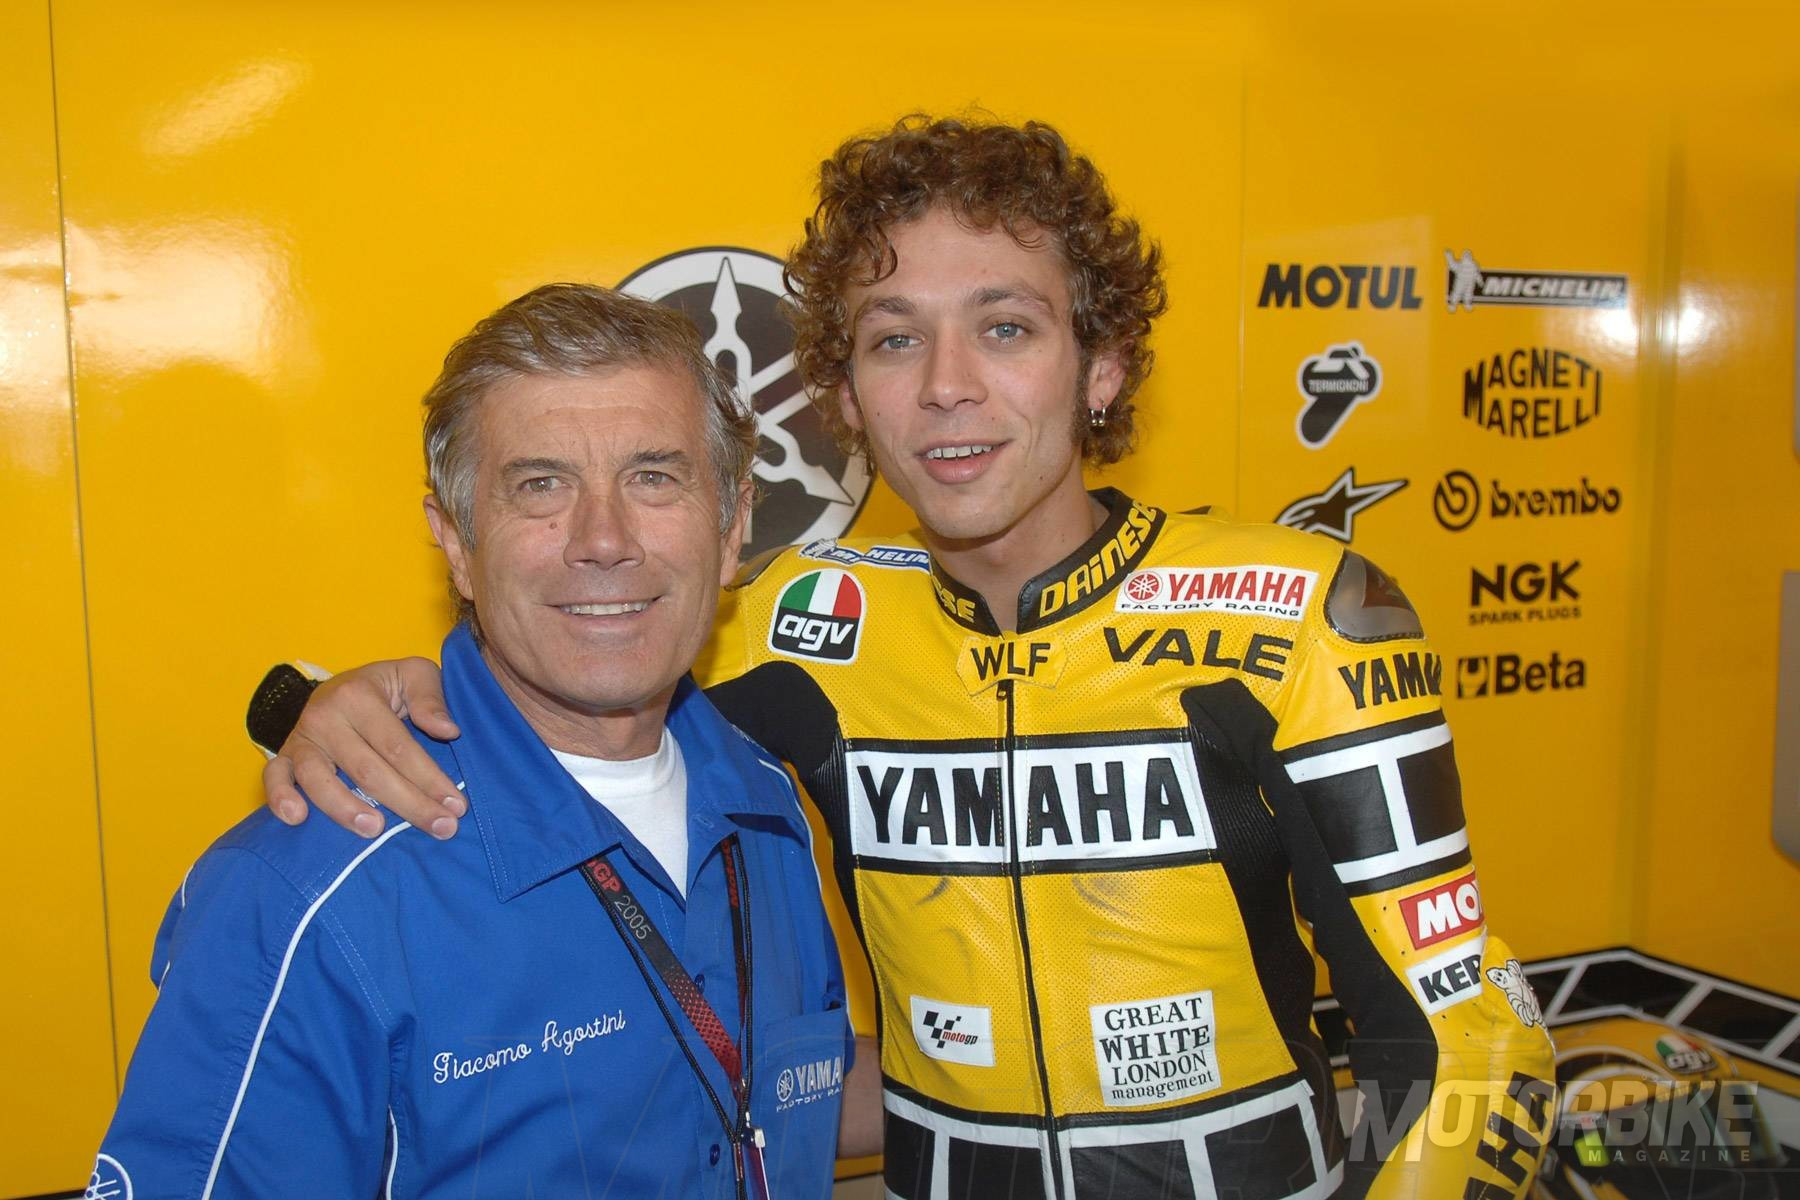 Giacomo Agostini Si Rossi Tiene Miedo Que Trabaje En El Banco Motorbike Magazine